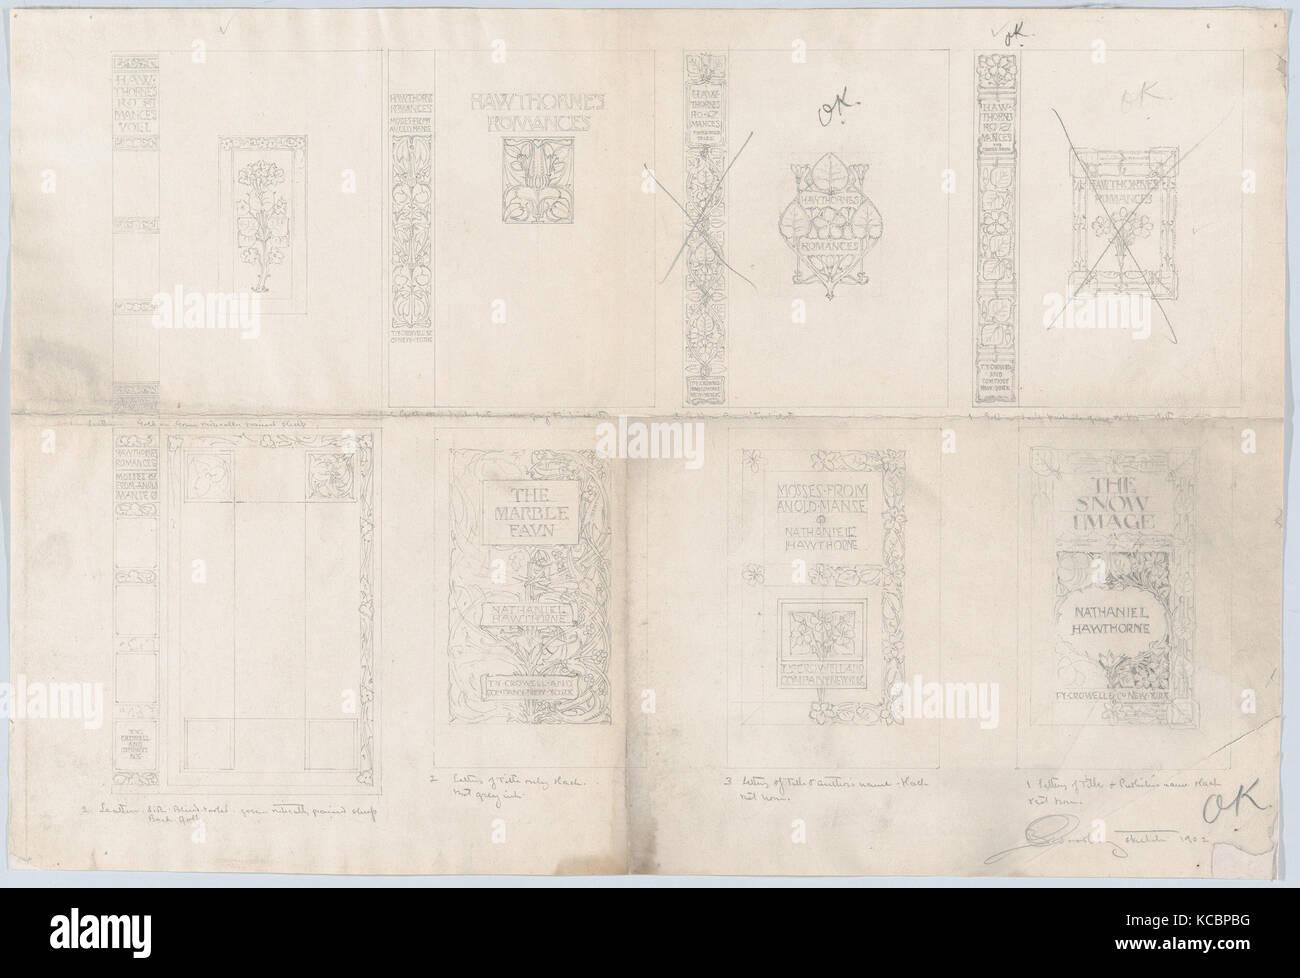 Habillages pour 'Romances, d'Hawthorne est' publié par Thomas Y. Crowell, Bertram Goodhue, 1902 Photo Stock